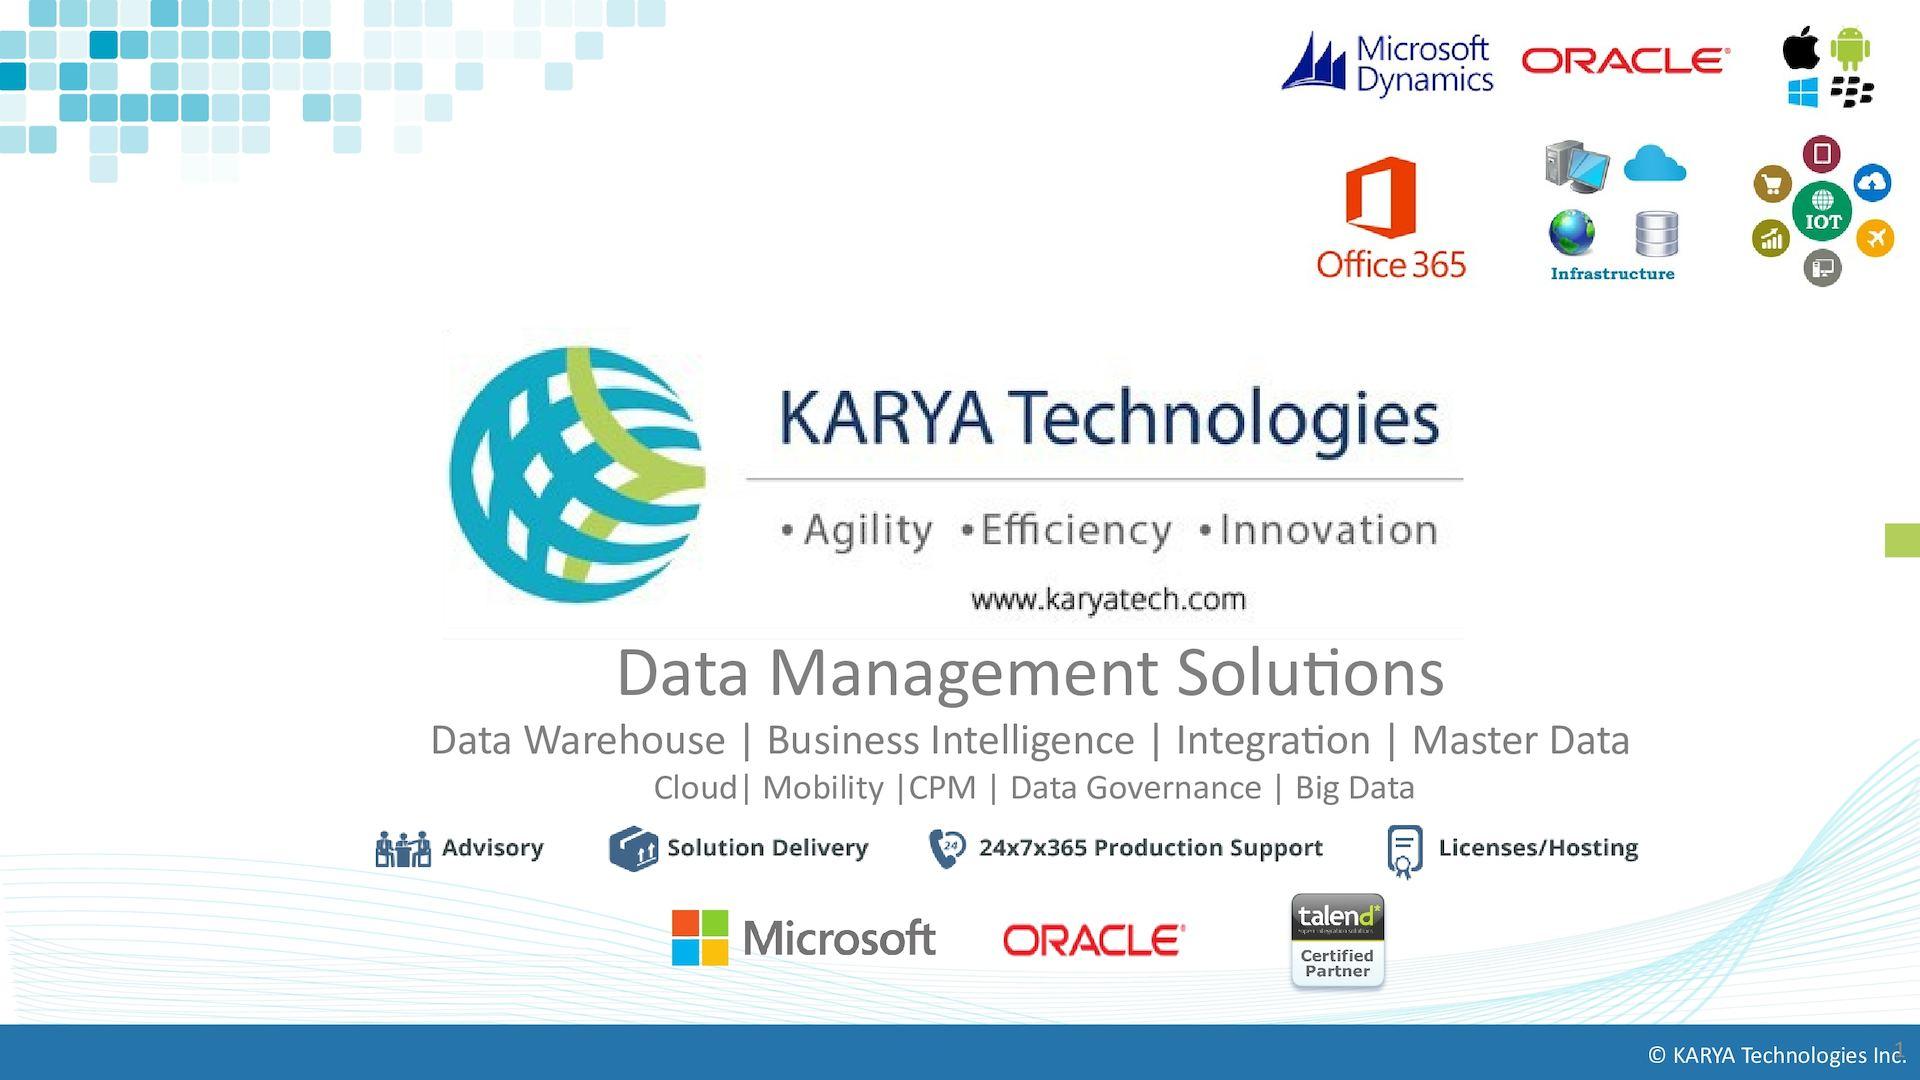 Calaméo - KARYA Technologies - Data Management Services